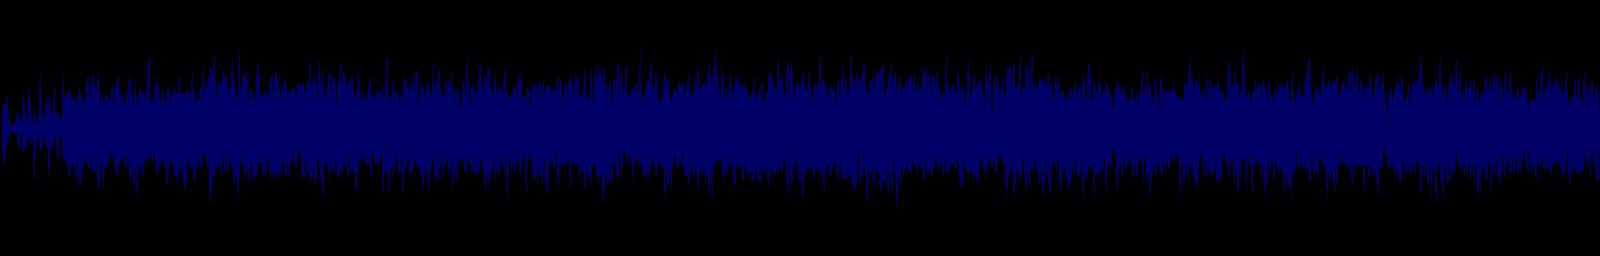 waveform of track #143513